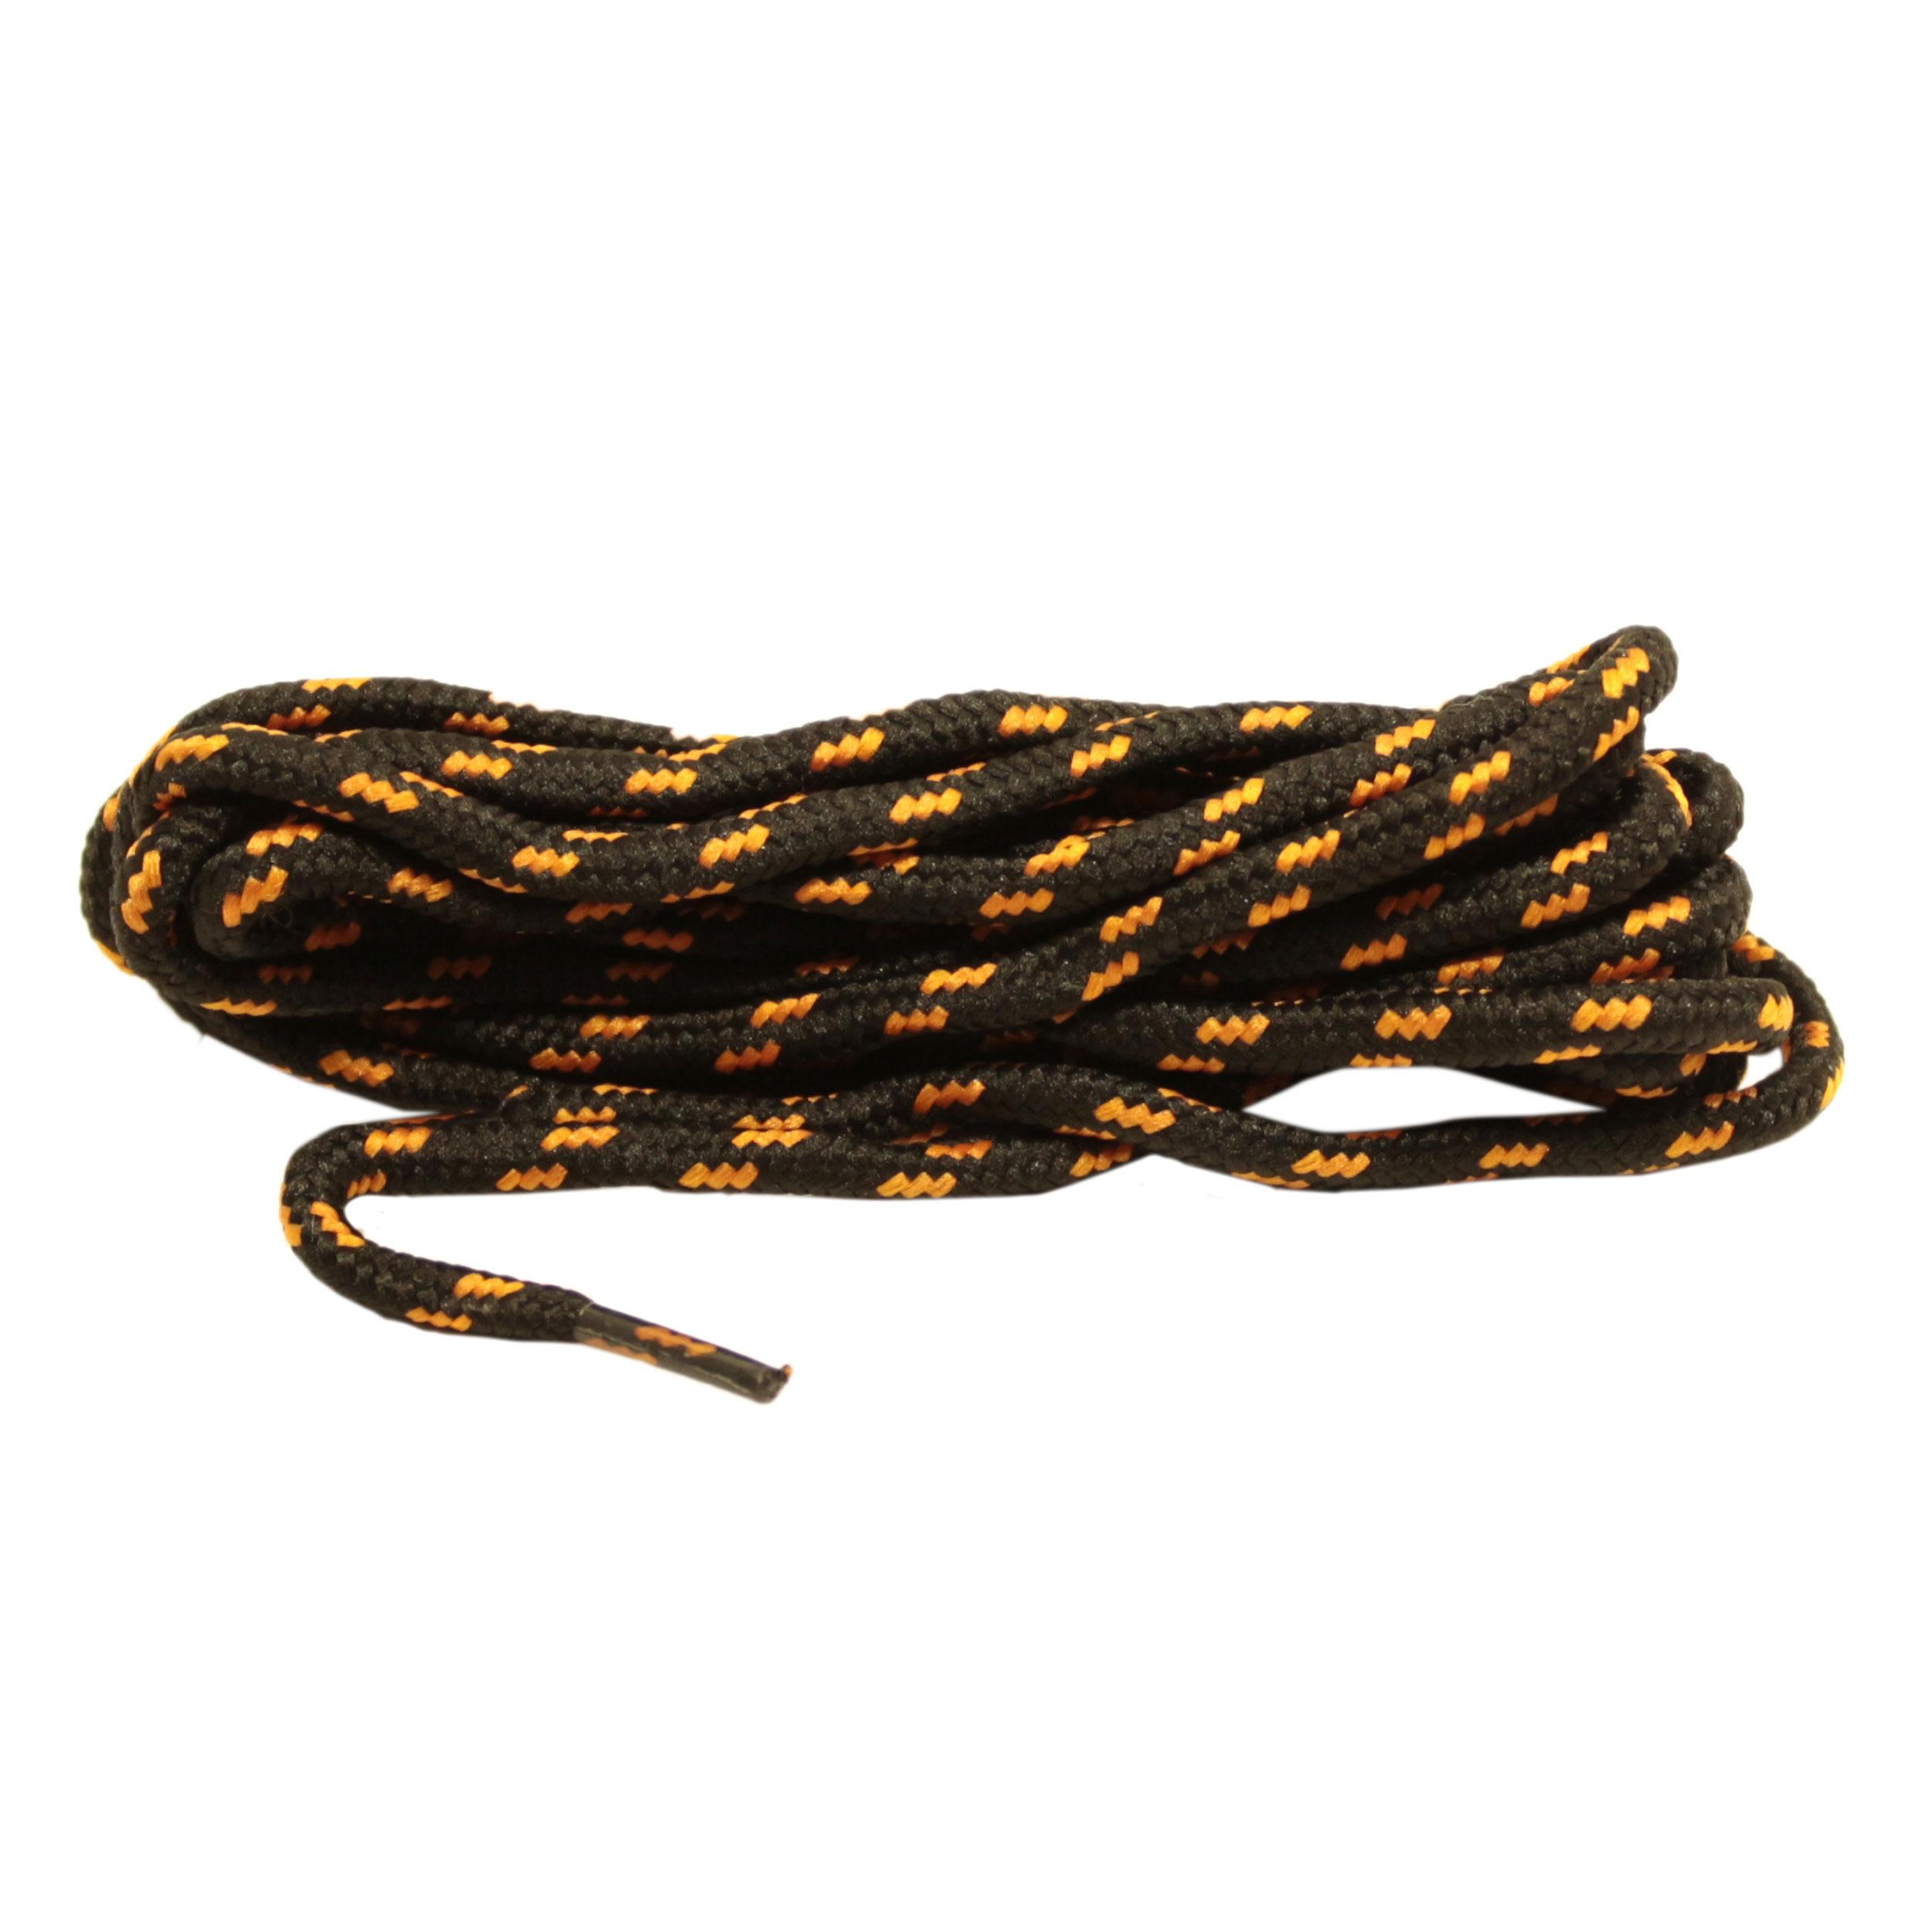 Шнурки Шнурком В331 круглые 5мм 120см, Полиэфир шнурки для обуви радуга active усиленные круглые с наполнителем цвет белый 110 см